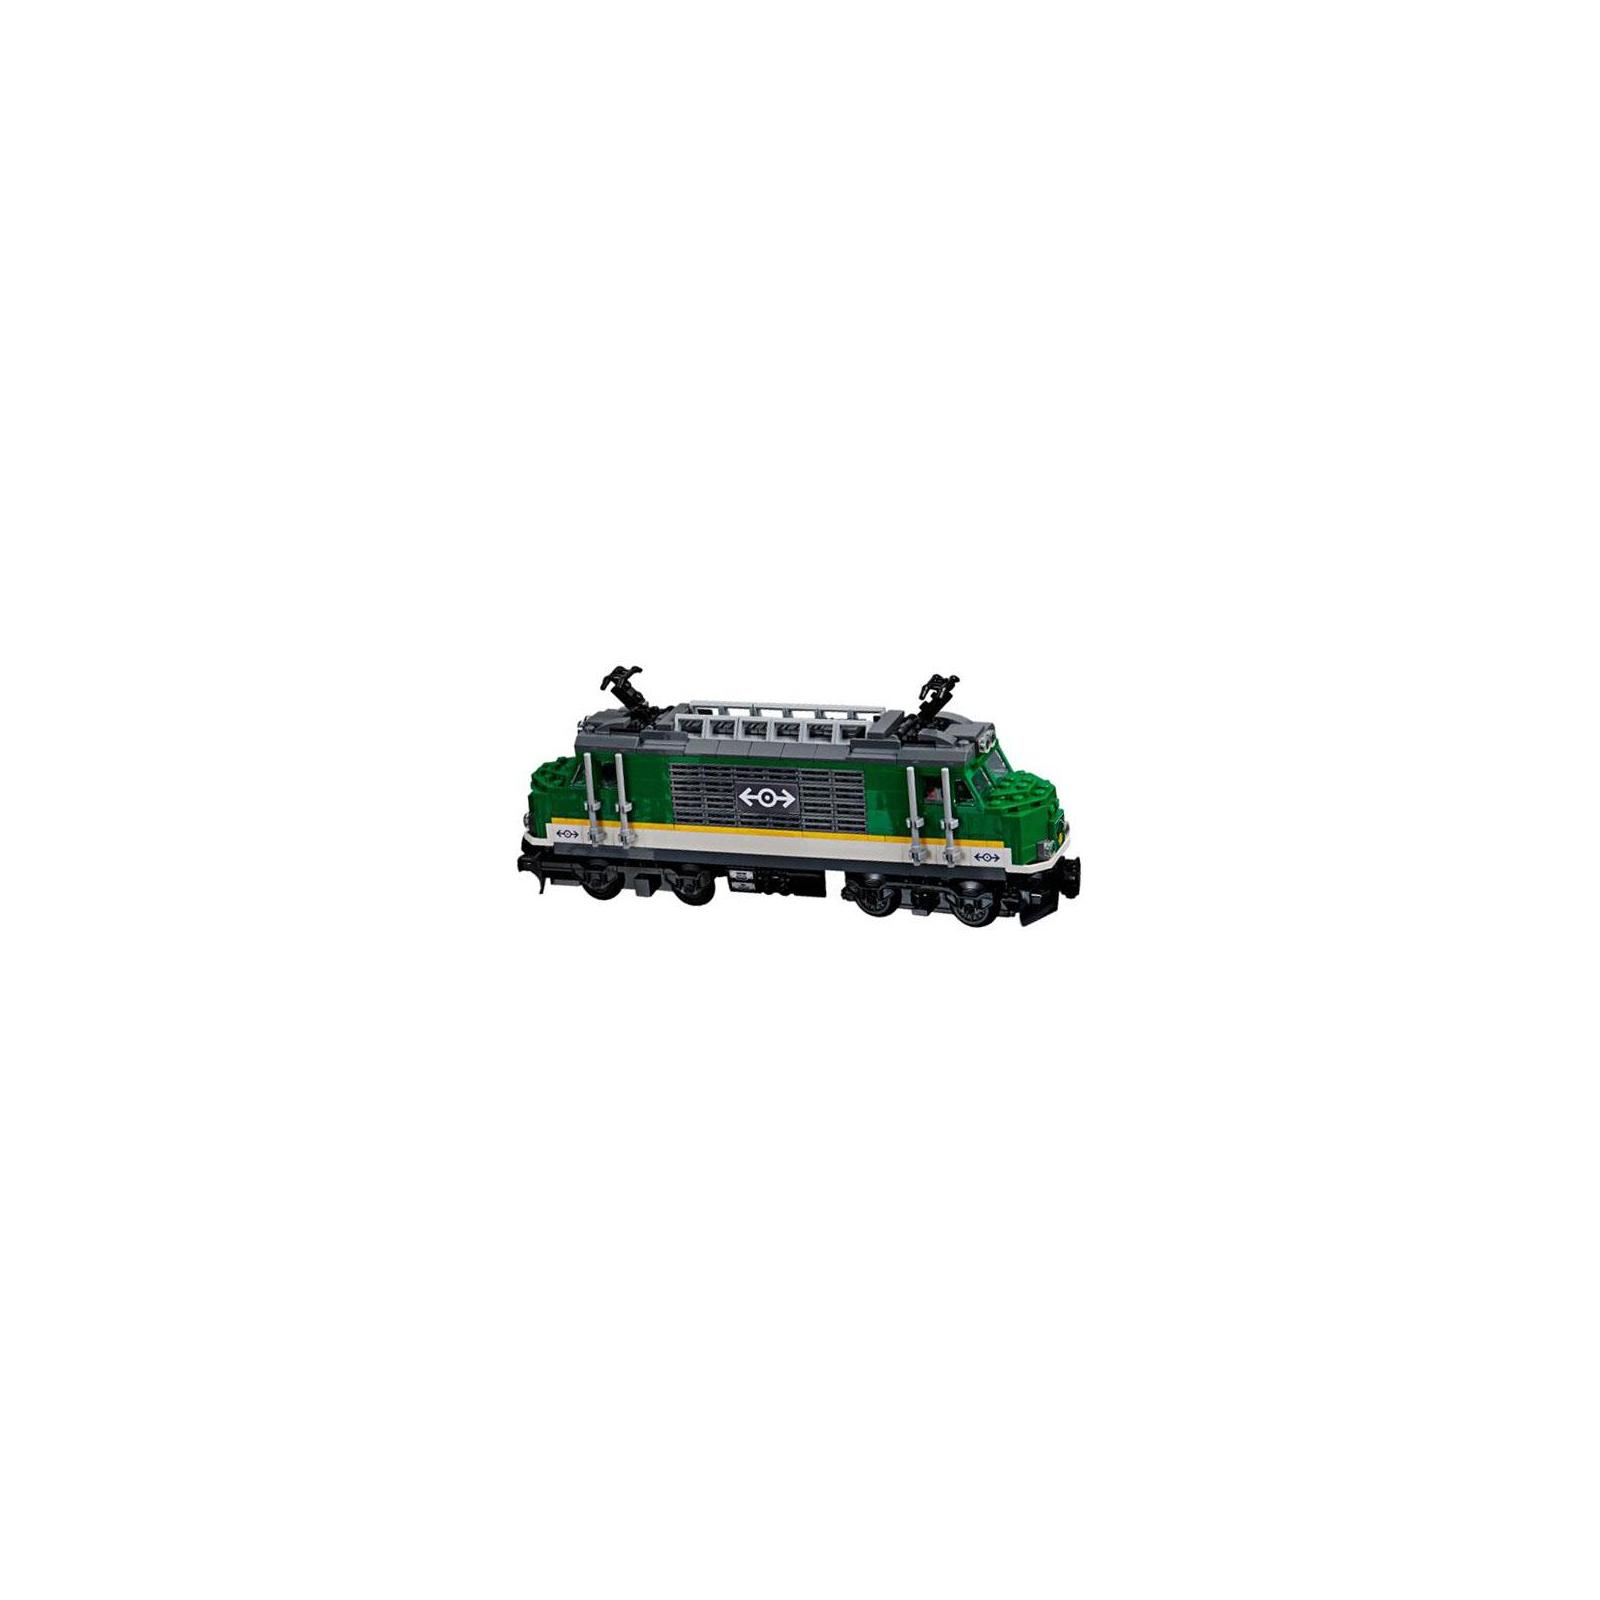 Конструктор LEGO CITY Грузовой поезд (60198) изображение 9